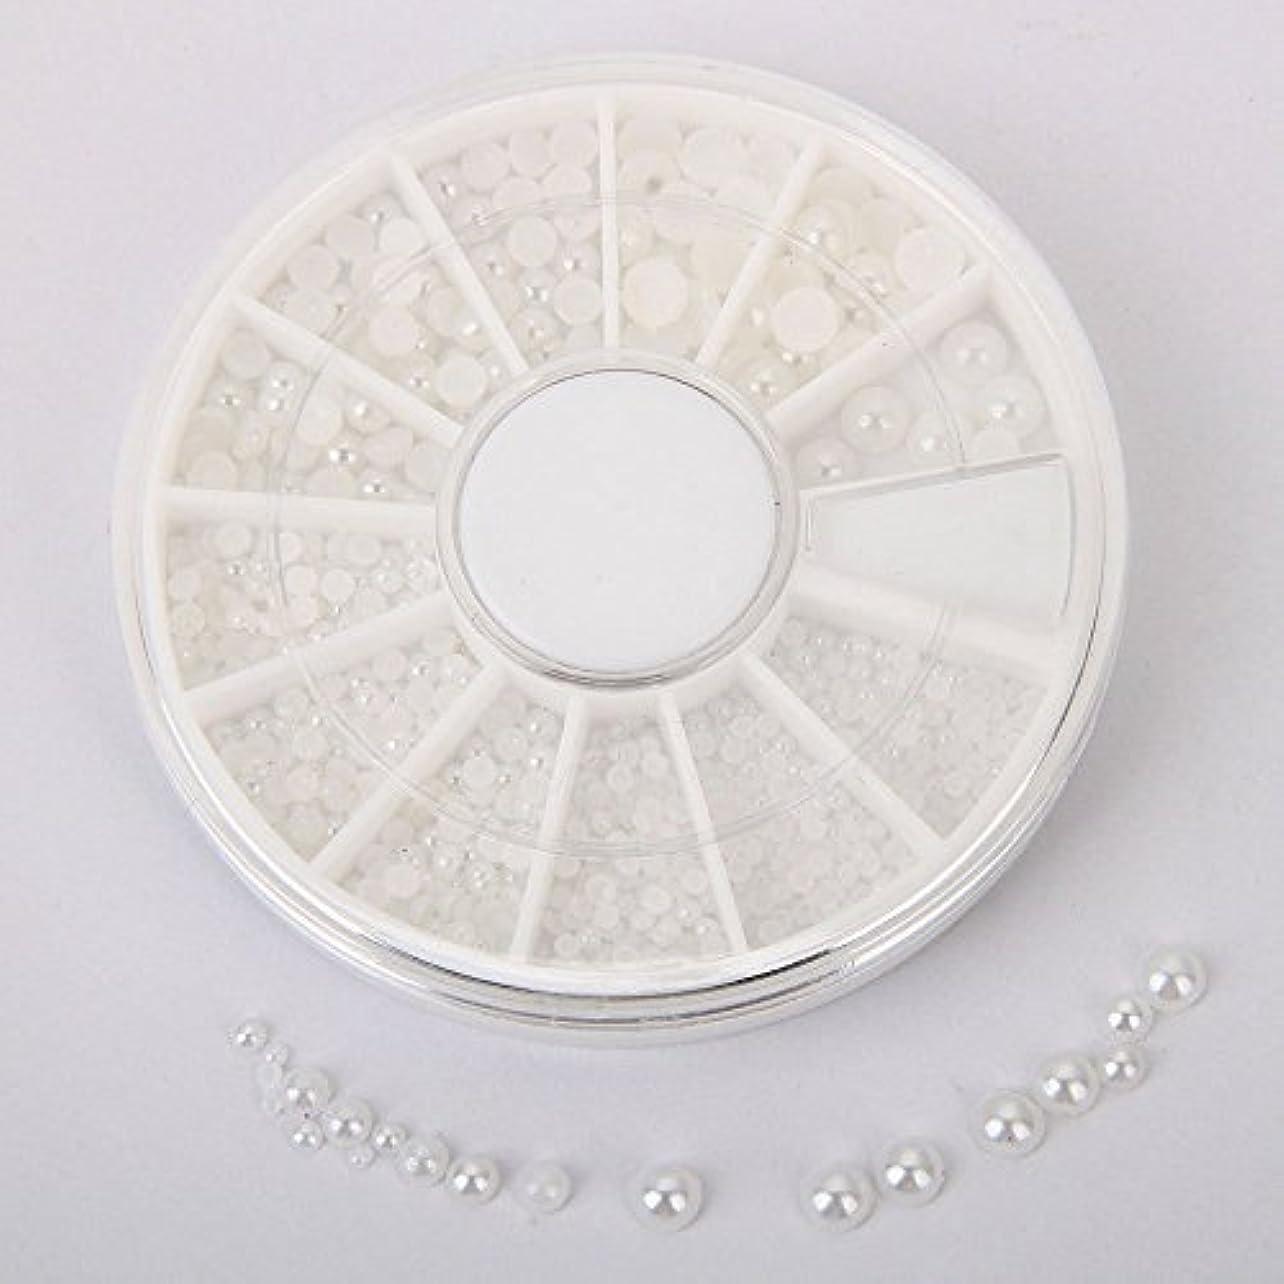 海嶺ラテン配置シンディー ネイルアートパーツ 半円パール(ホワイト) マニキュアデコ用パール 1.5mm,2mm,3mm,4mm ラウンドケース入 3Dデコレーション(01)